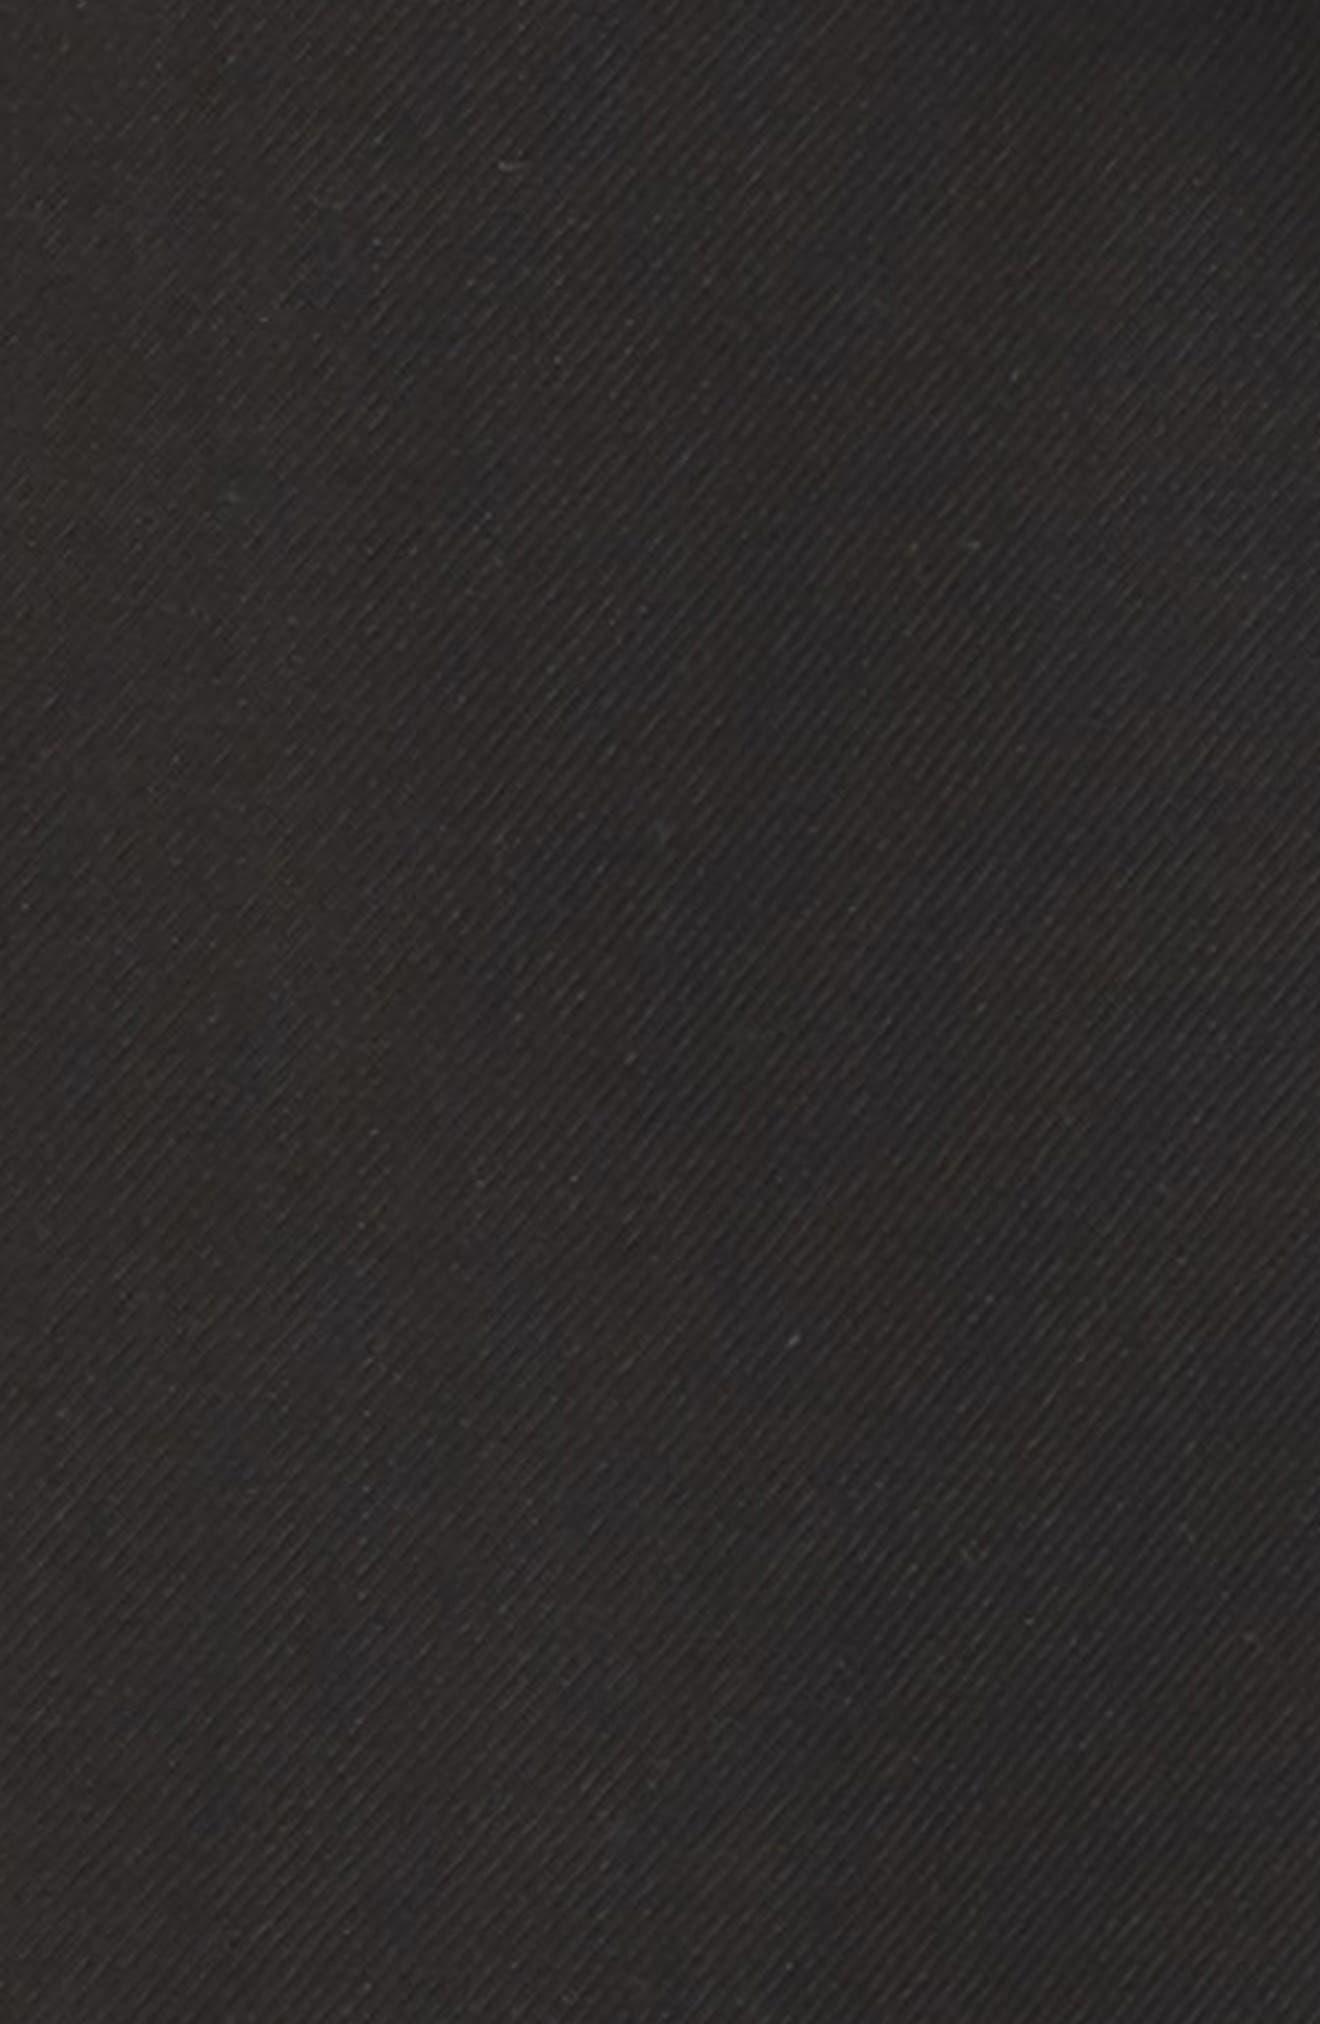 Harry Suit Pants,                             Alternate thumbnail 2, color,                             001